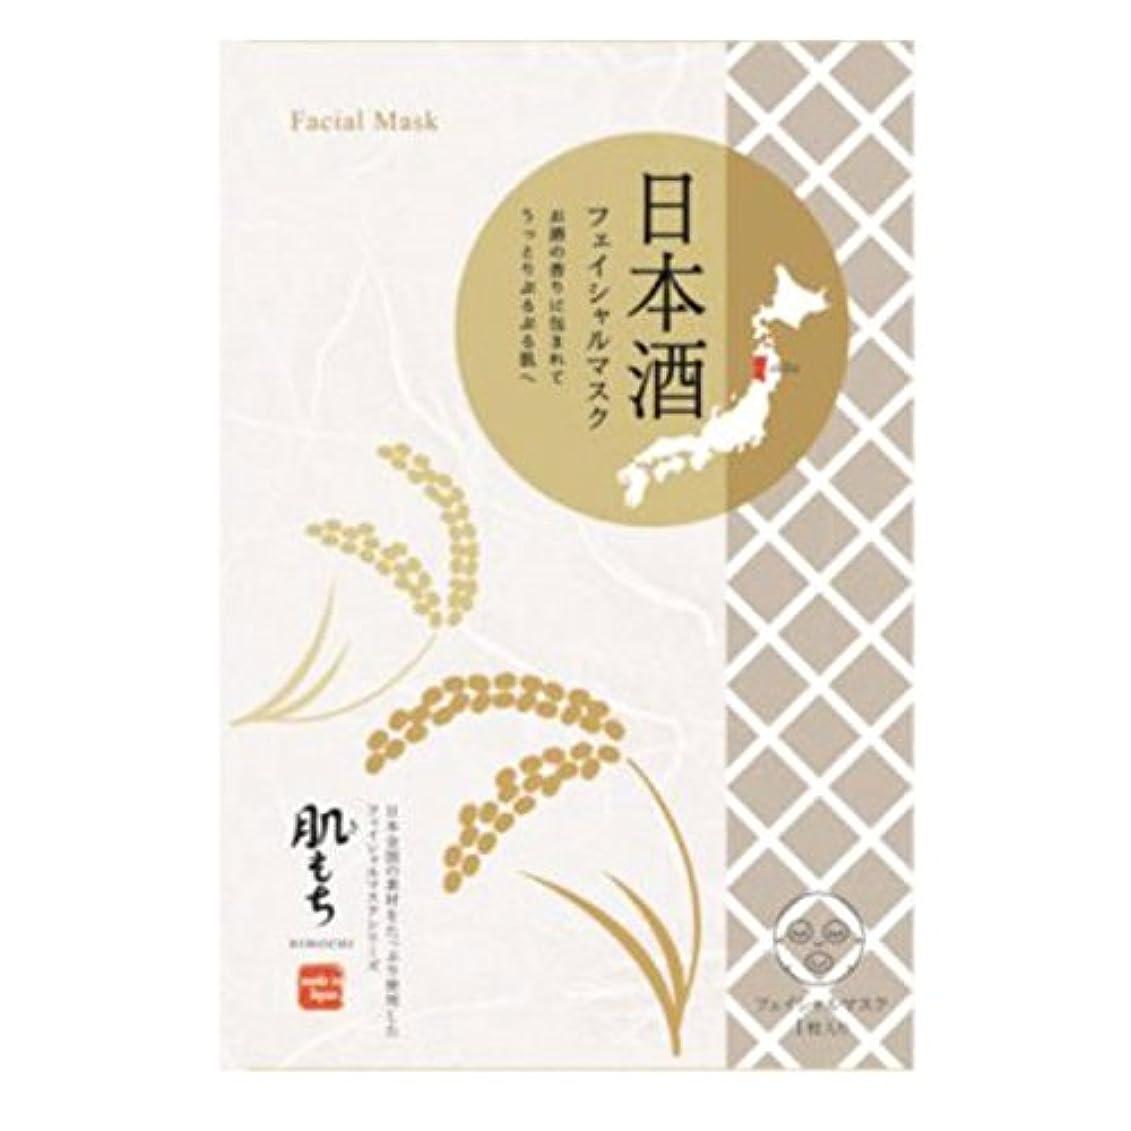 スワップ三番タイヤ肌もち(きもち) フェイシャルマスク 日本酒(1枚20ml) 5枚セット